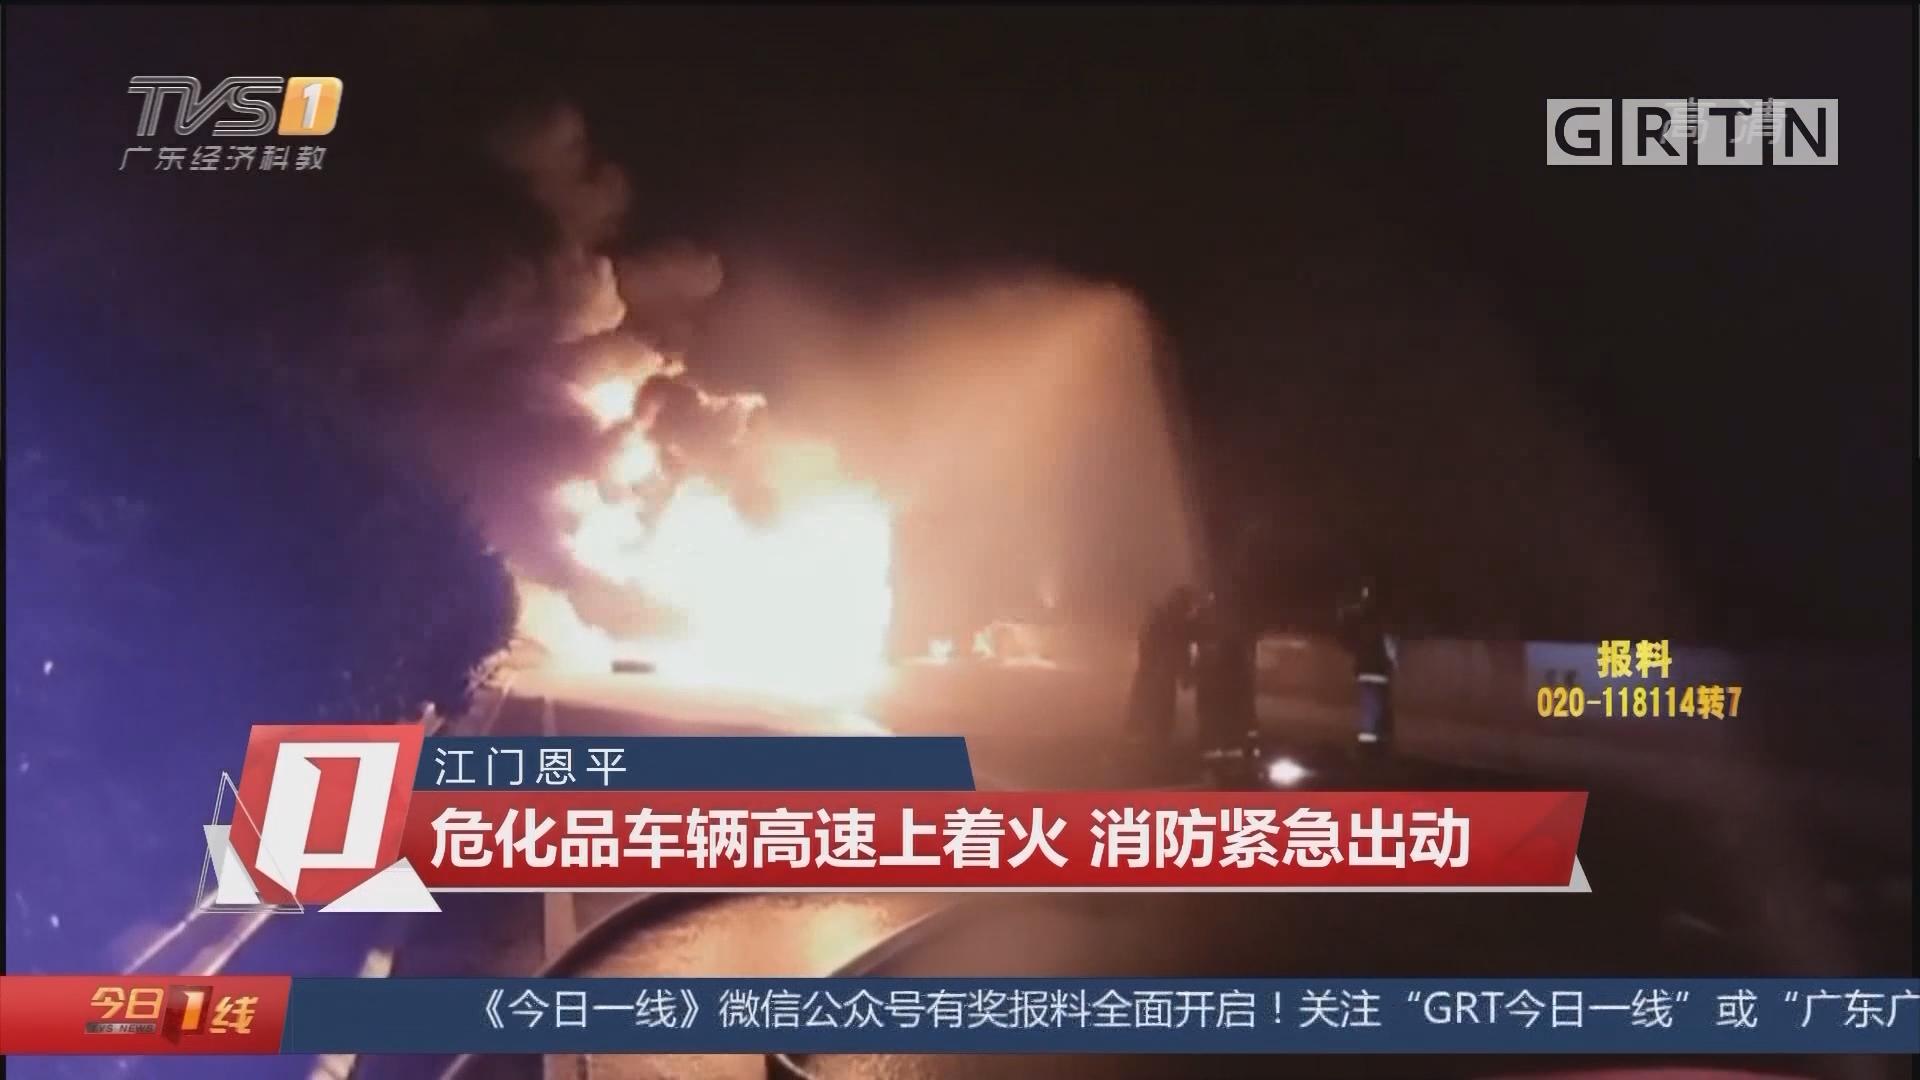 江门恩平:危化品车辆高速上着火 消防紧急出动